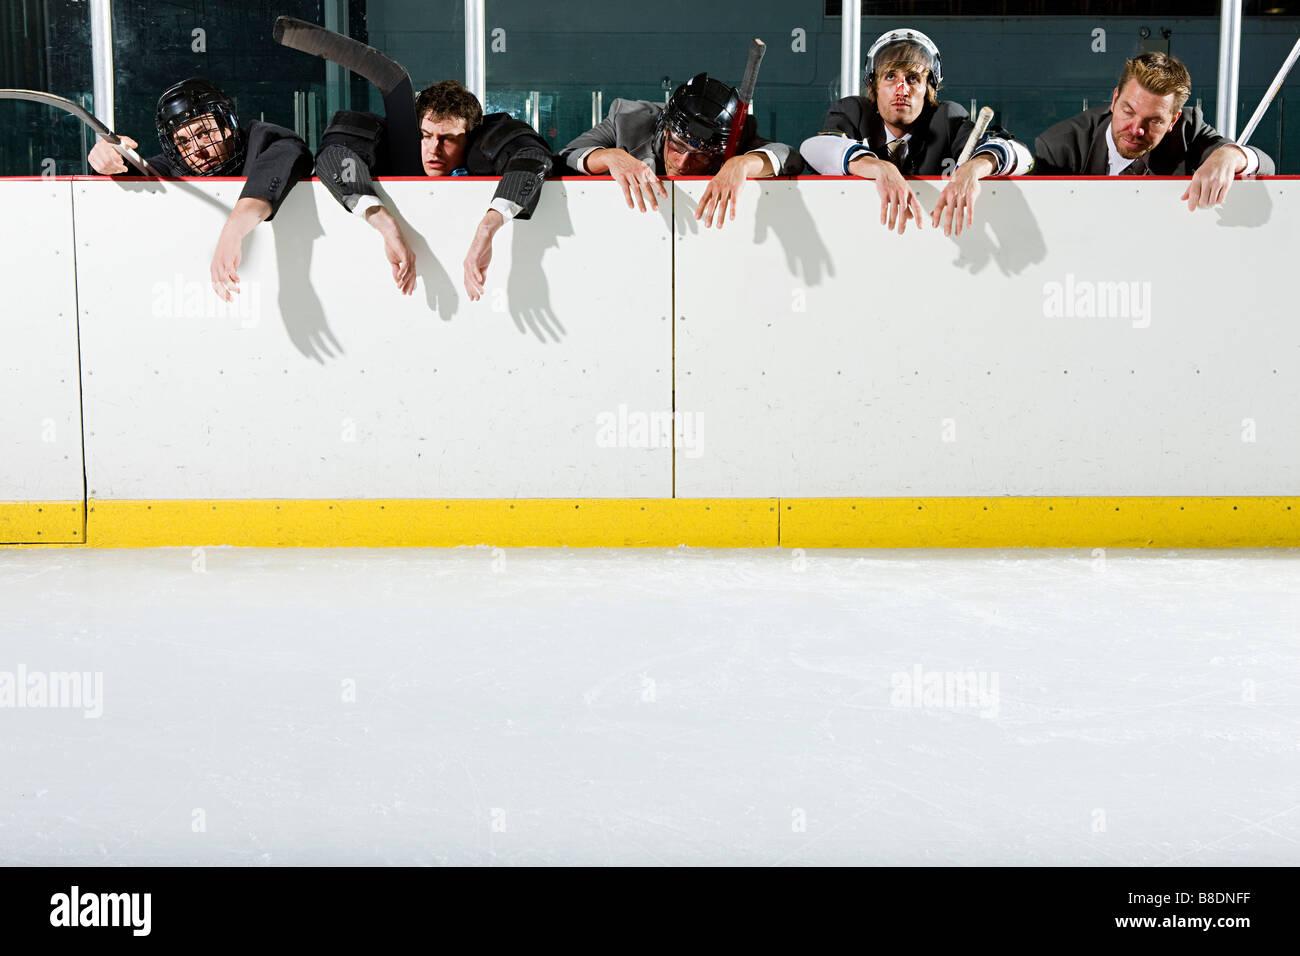 Imprenditori la riproduzione di hockey su ghiaccio Immagini Stock